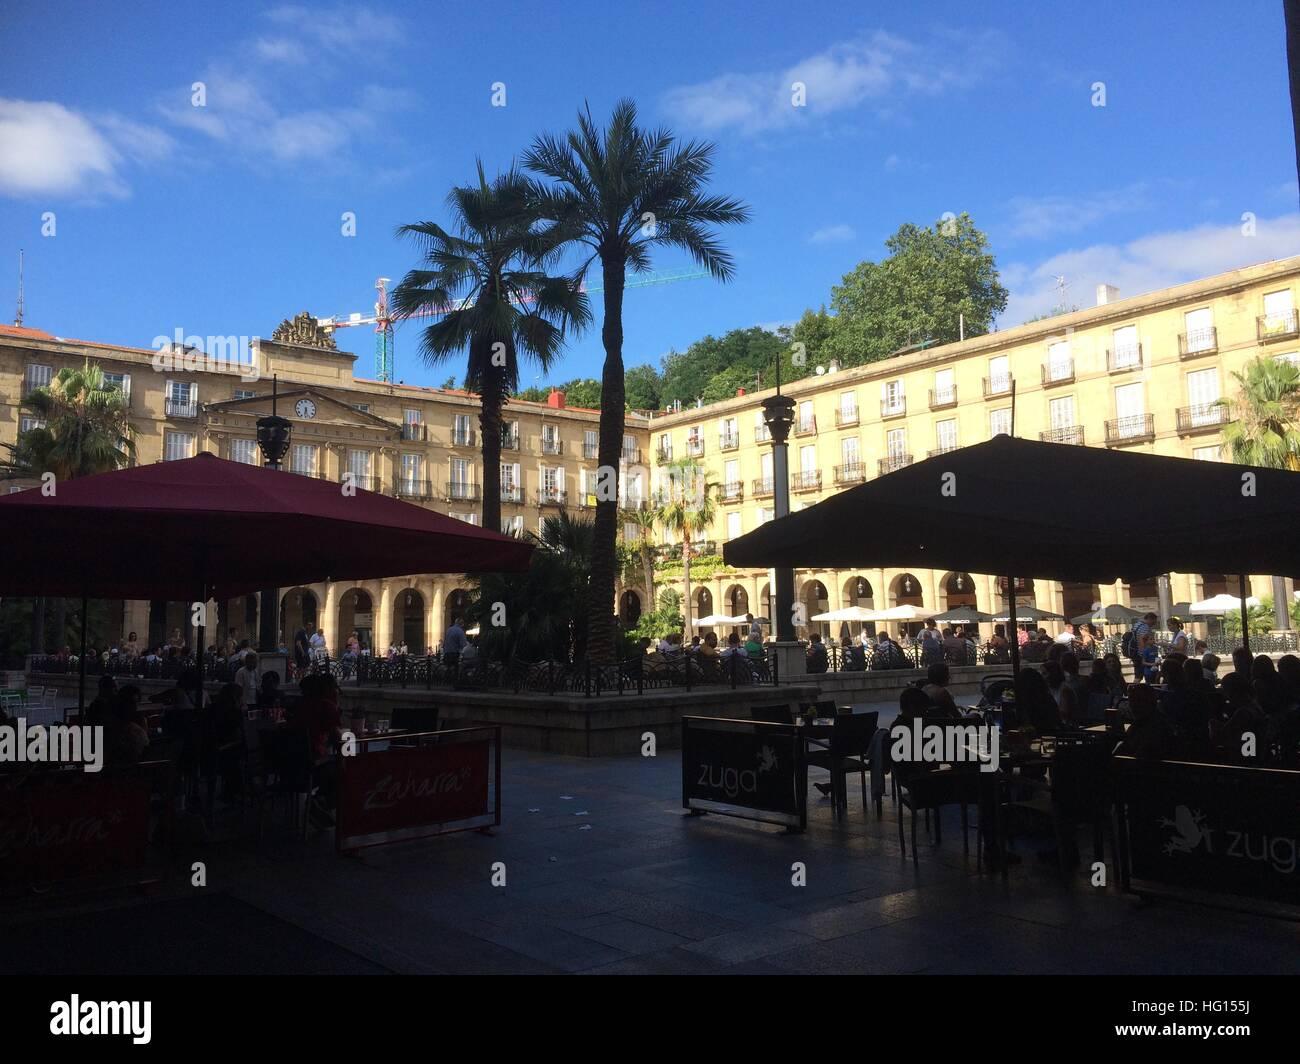 Bilbao, Spanien. 28th July, 2016. Die Altstadt von Bilbao (Spanien), aufgenommen am 28.07.2016. Aus der dahinsiechenden Stock Photo